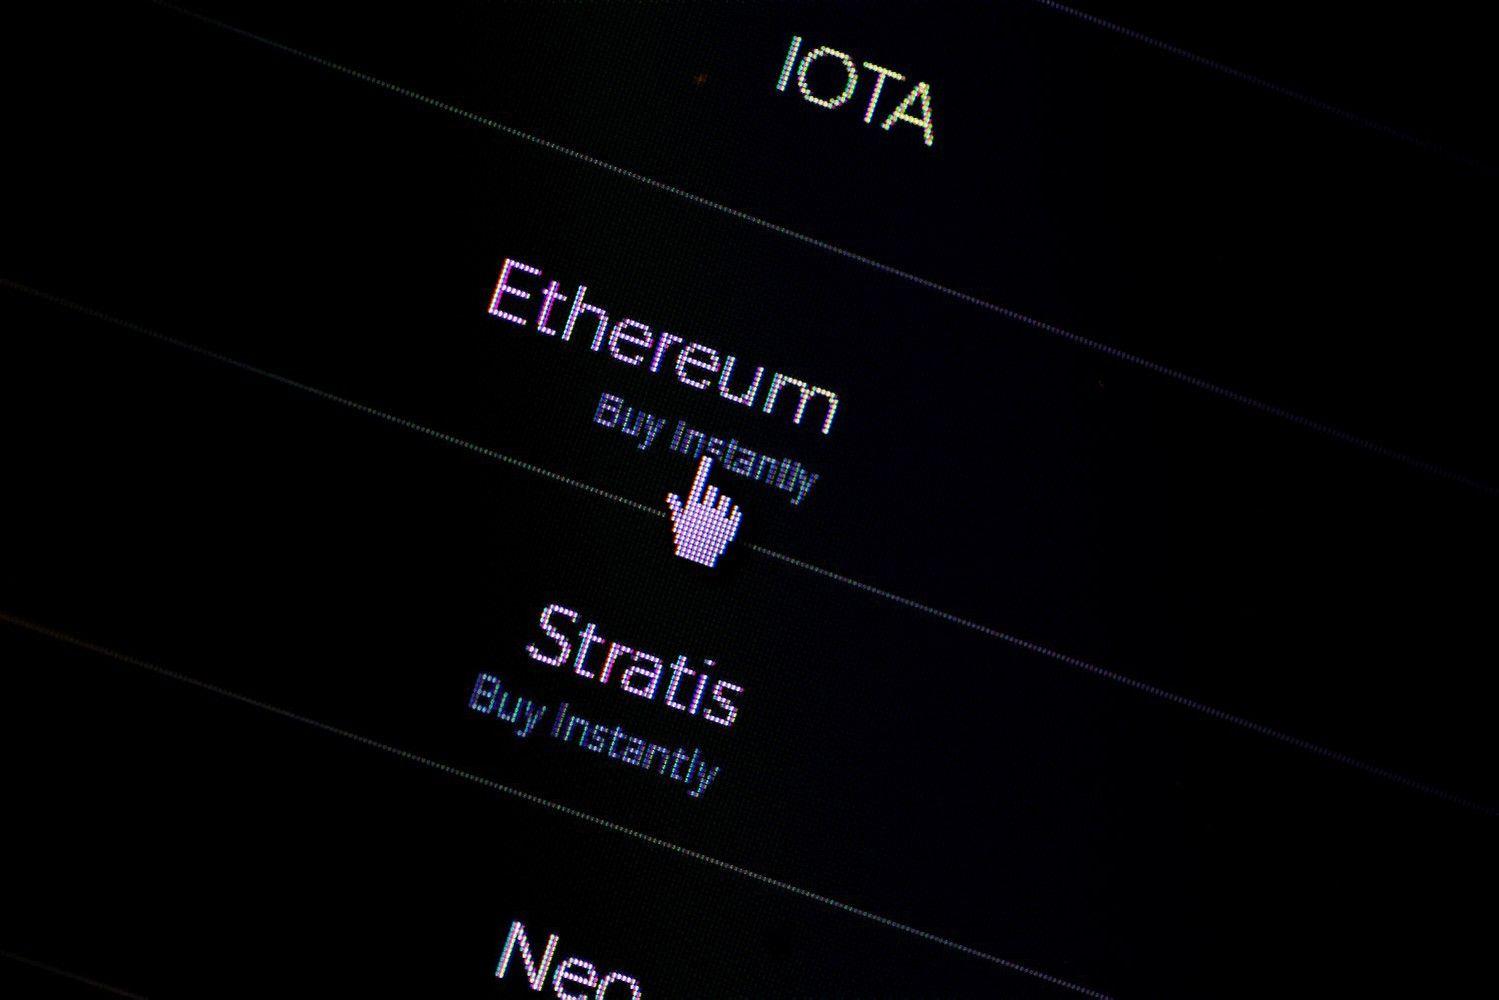 Pirminis kriptovaliutos siūlymas (ICO): artėjame prie reguliavimo